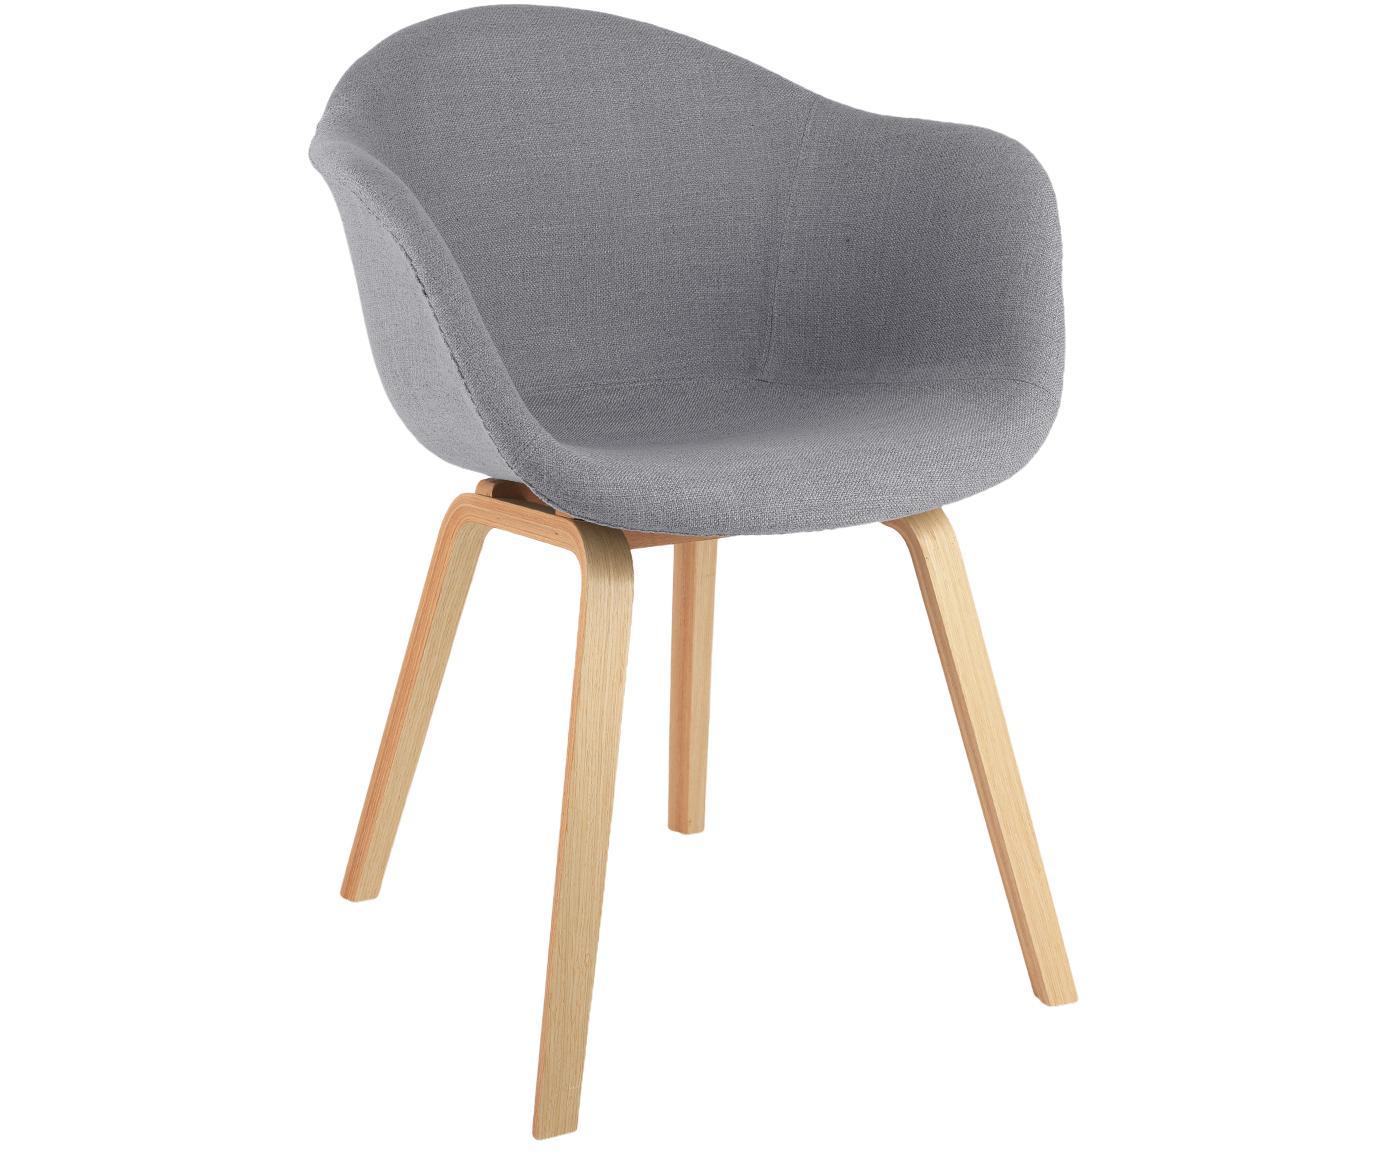 Krzesło tapicerowane z podłokietnikami Claire, Tapicerka: poliester 20000 cykli w , Tapicerka: pianka, Nogi: drewno bukowe, Szary, S 54 x G 60 cm